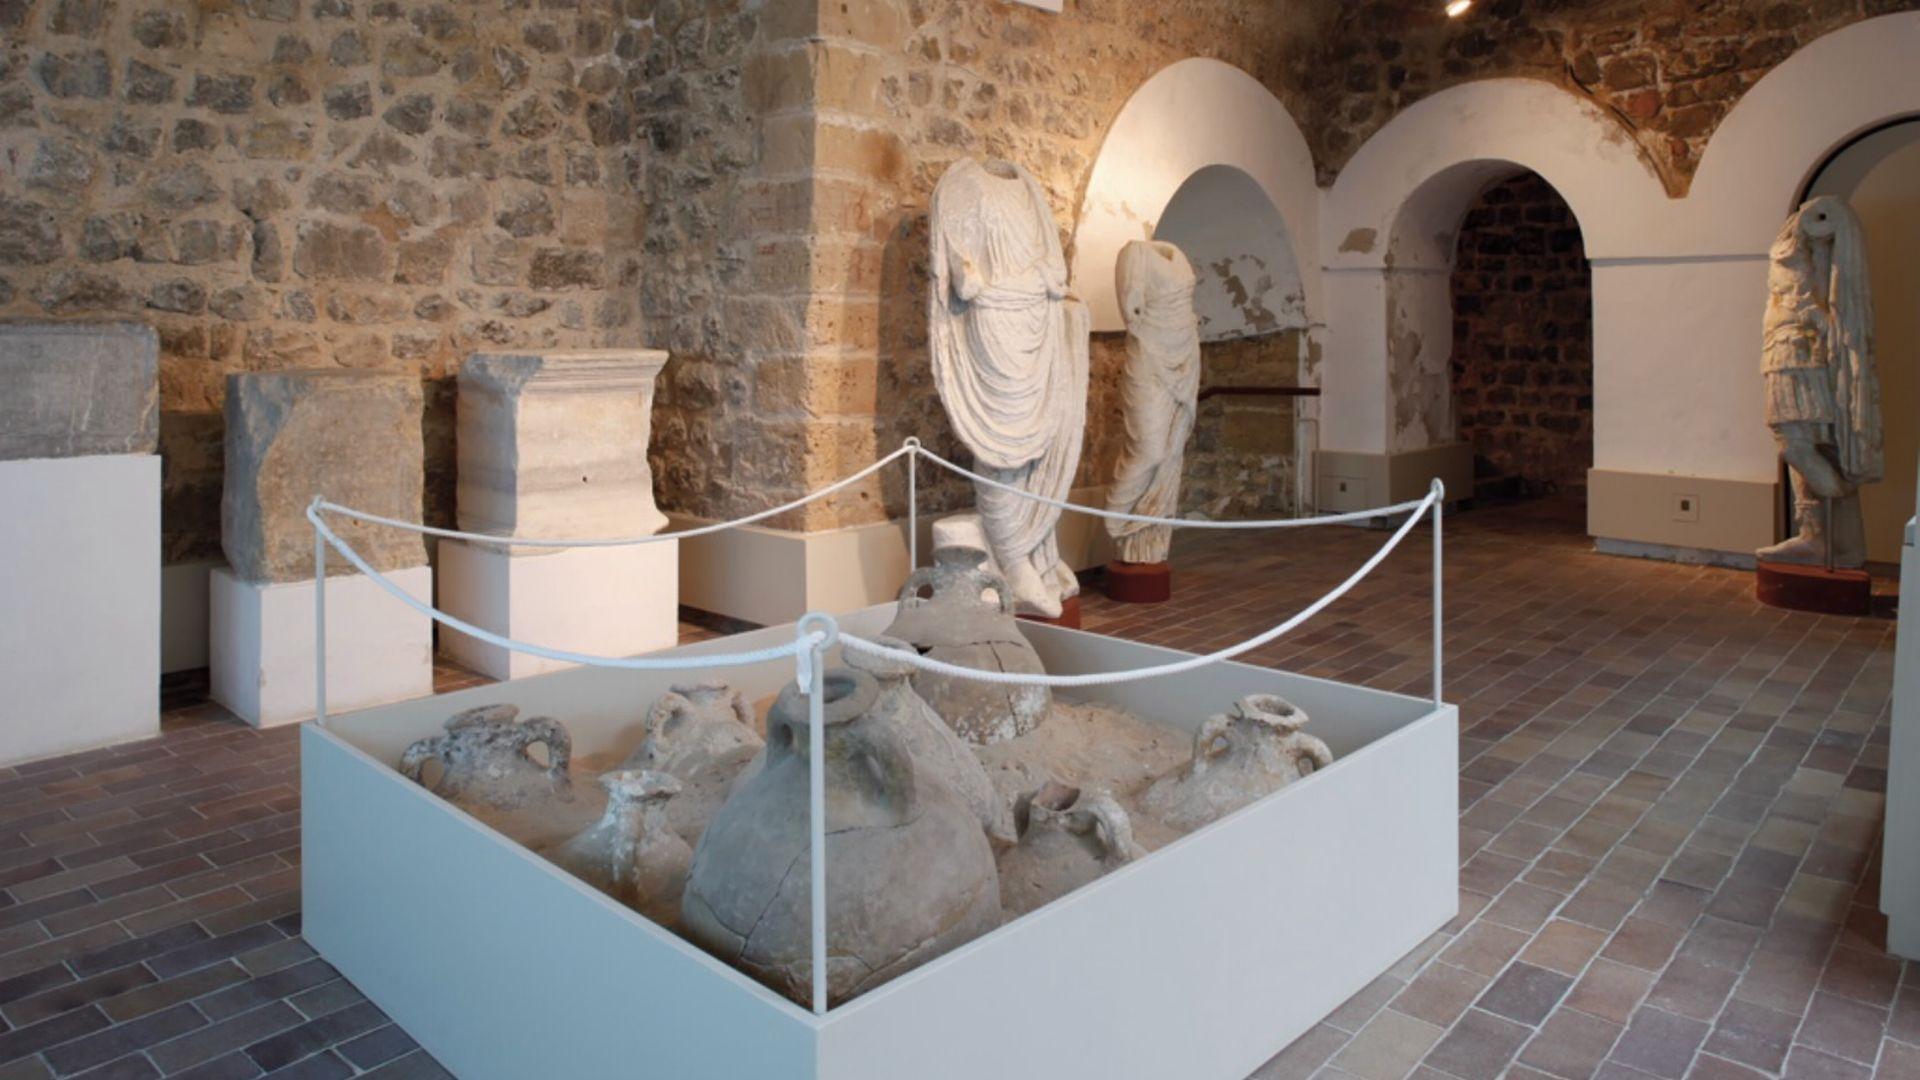 Imagen Museo MAEF. Museu Arqueològic d'Eivissa i Formentera